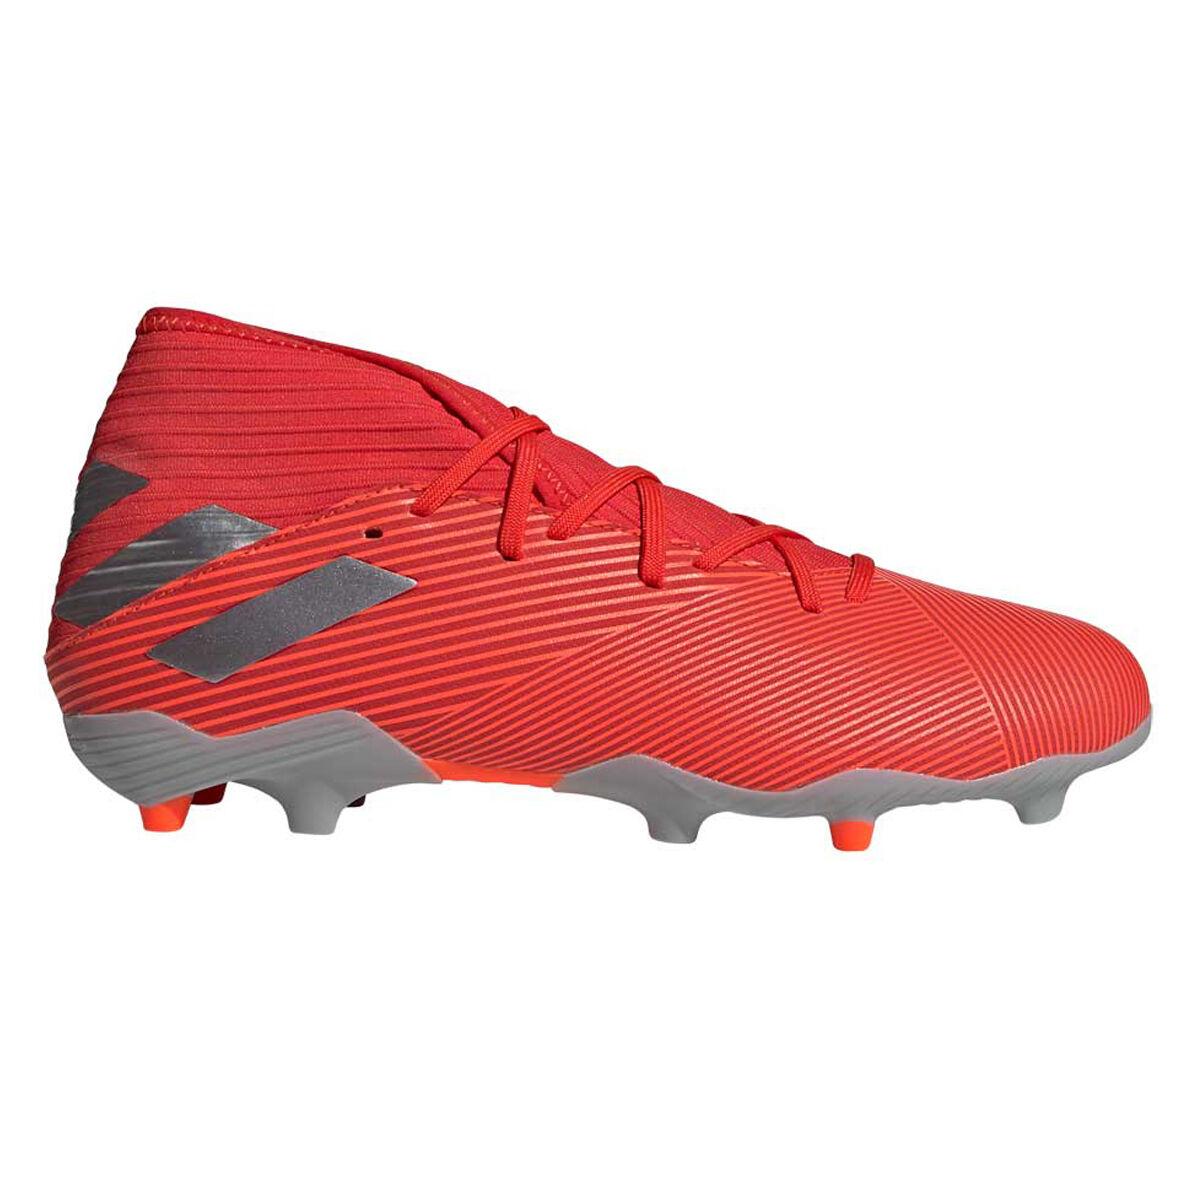 adidas Nemeziz 19.3 Football Boots